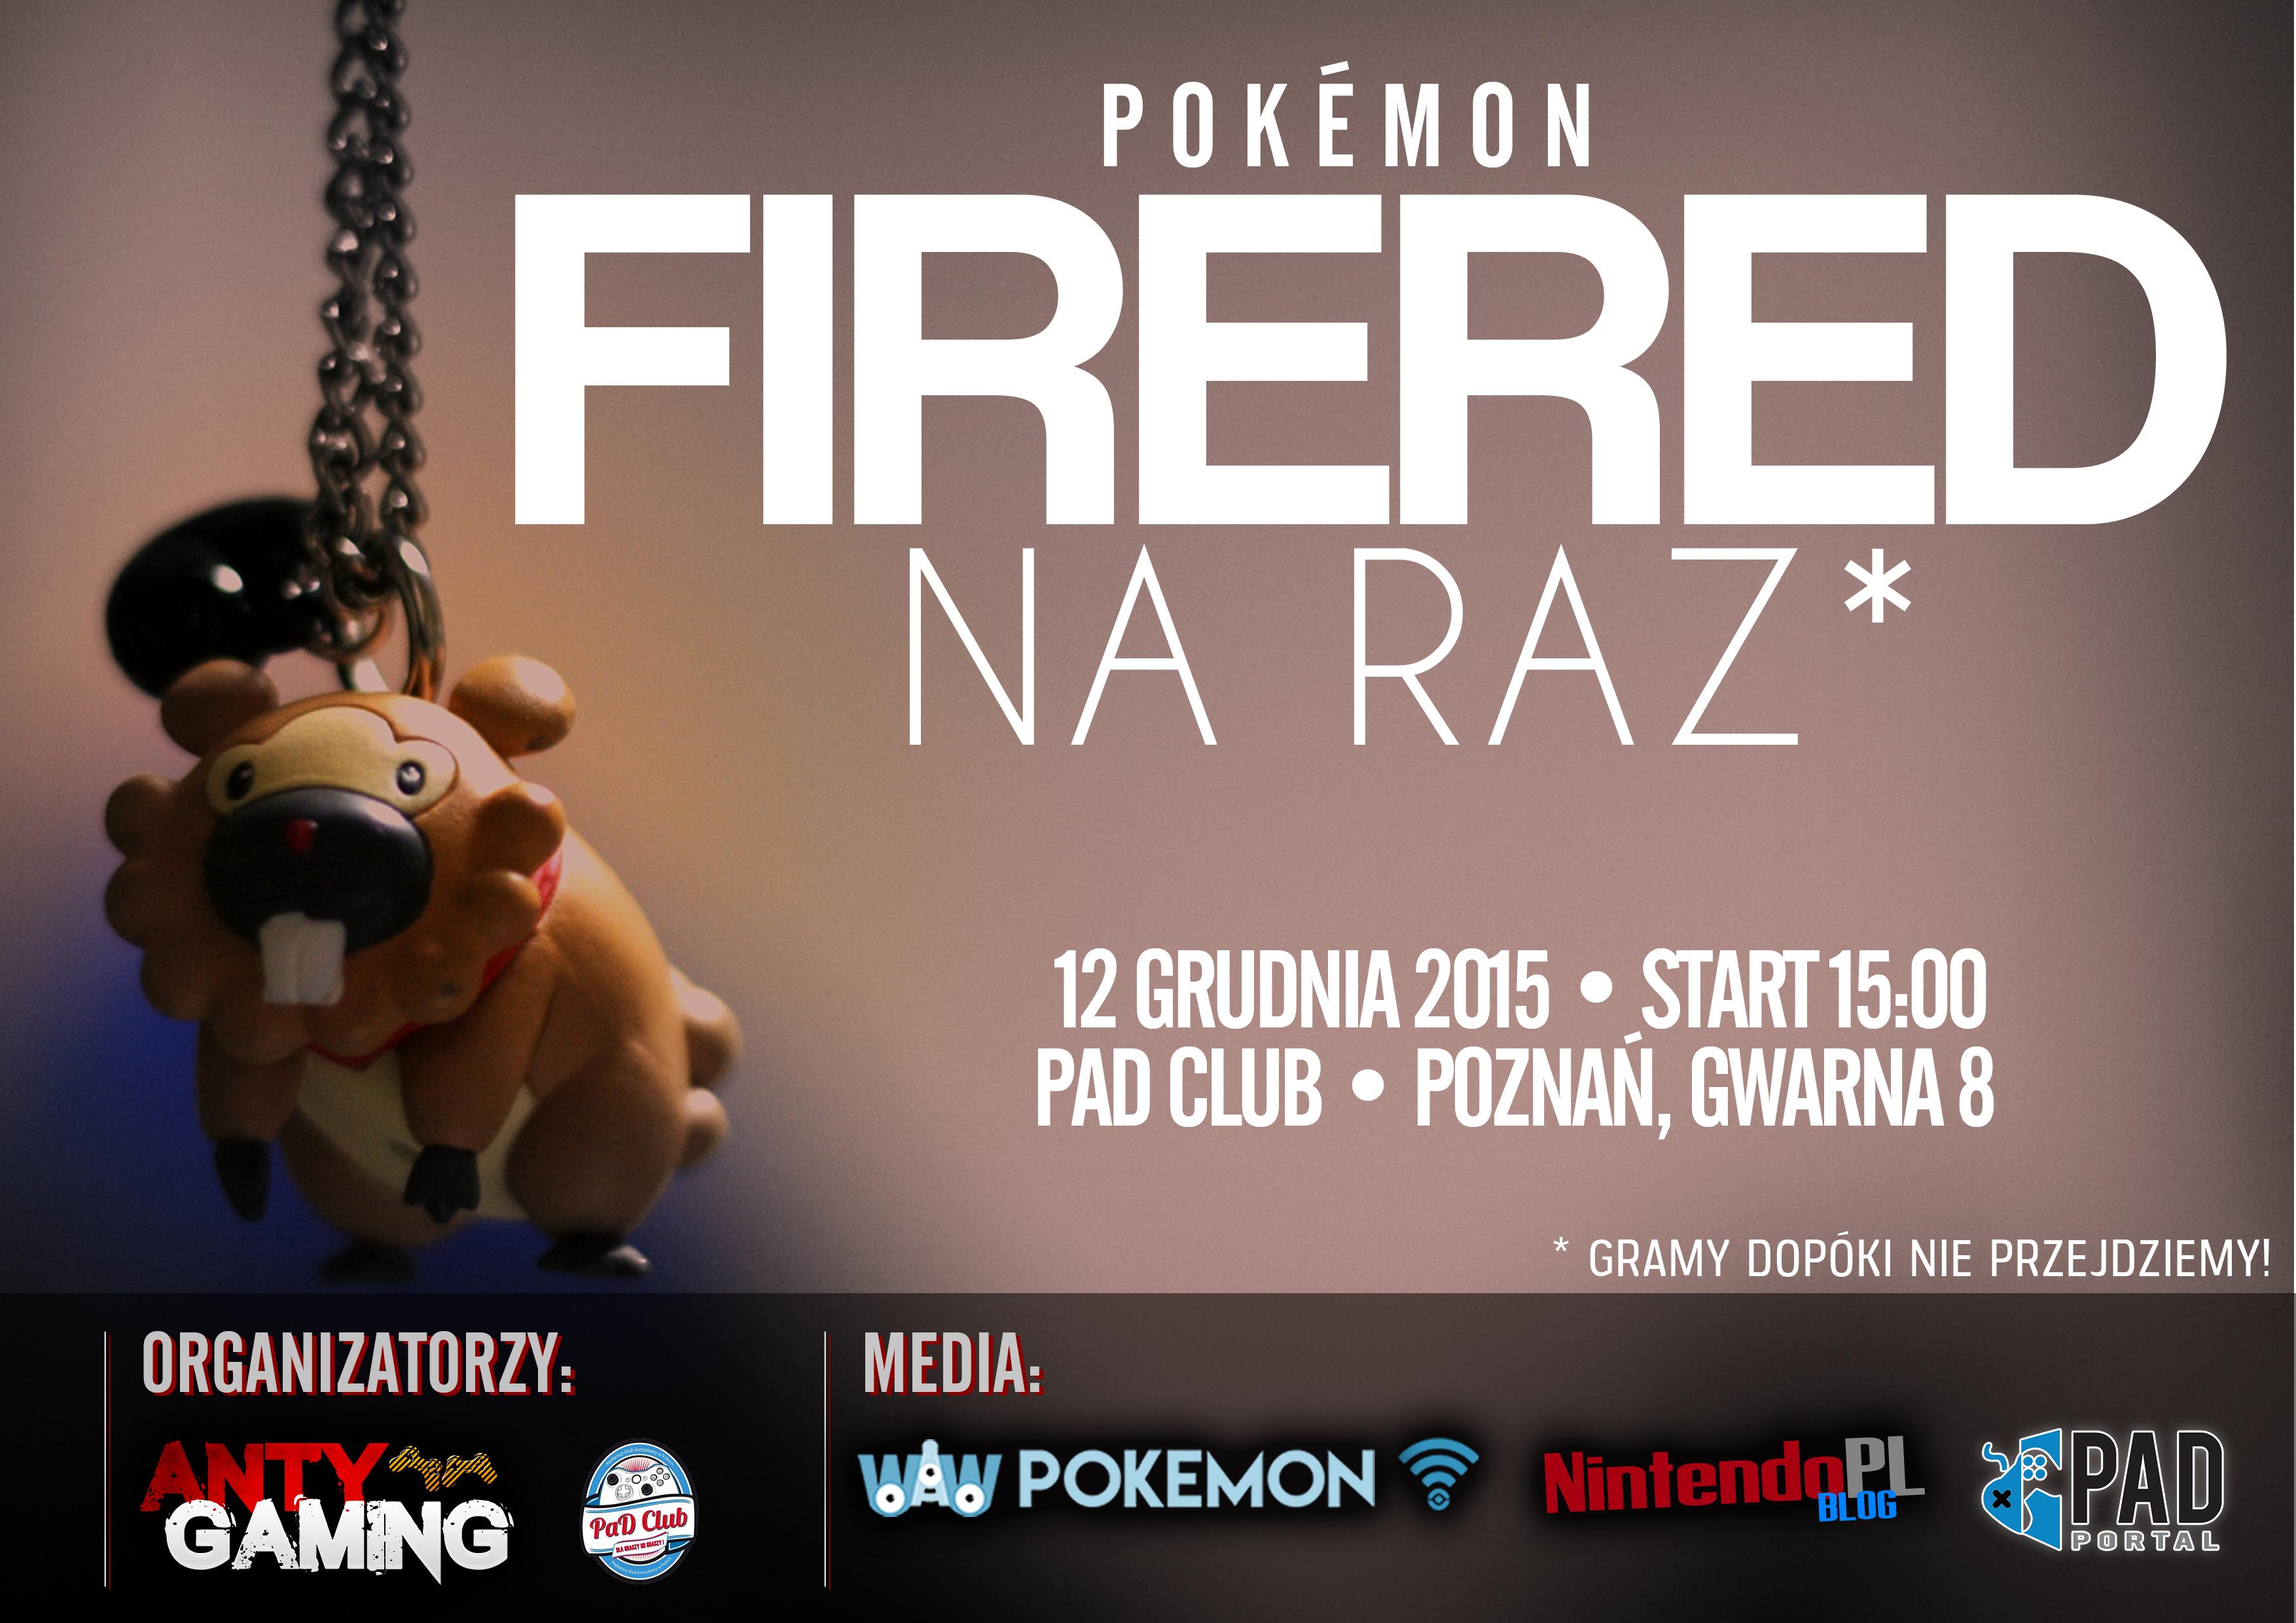 W sobotę przechodzimy na raz Pokemon FireRed w Poznaniu!